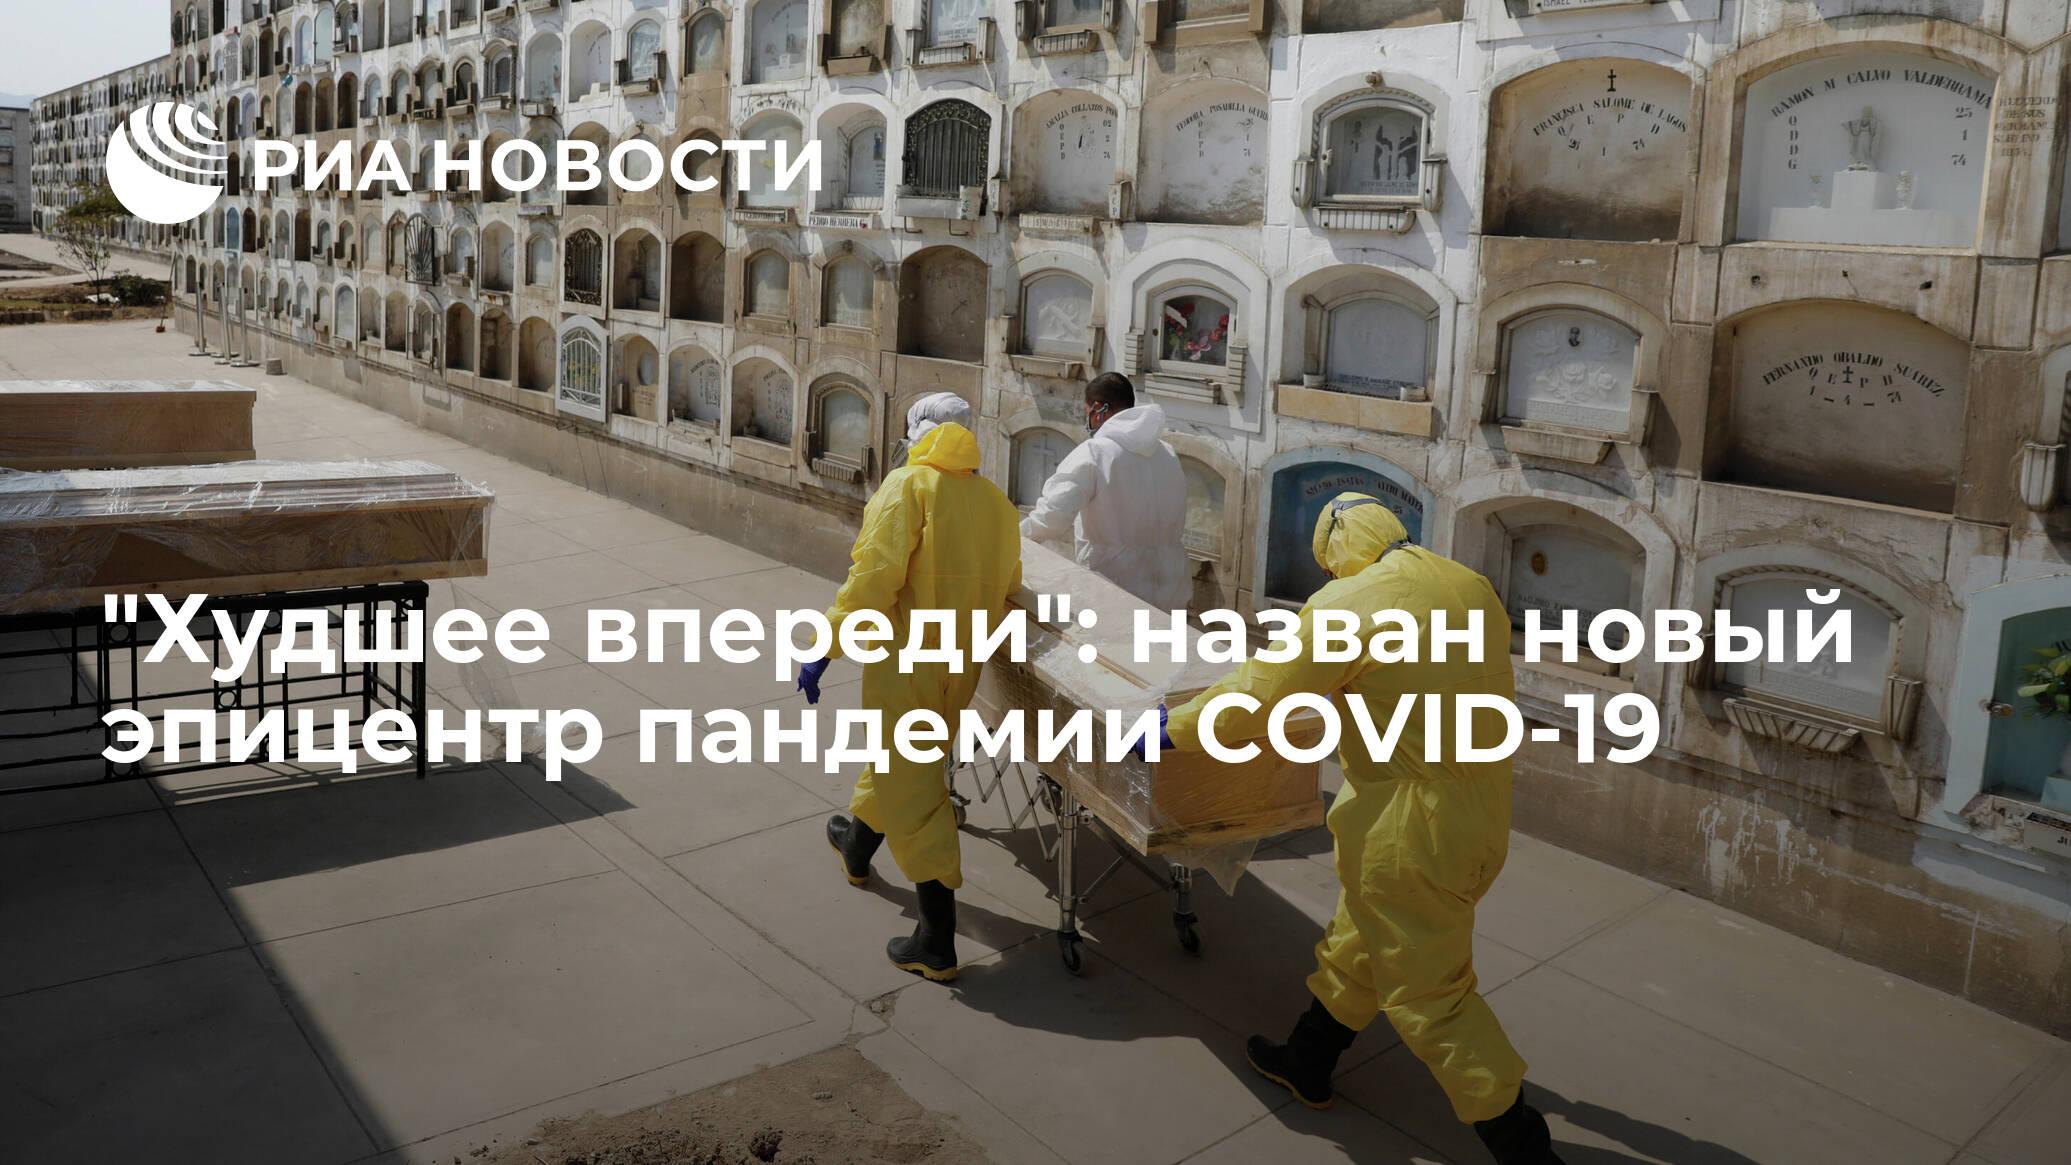 'Худшее впереди': назван новый эпицентр пандемии COVID-19 - РИА НОВОСТИ